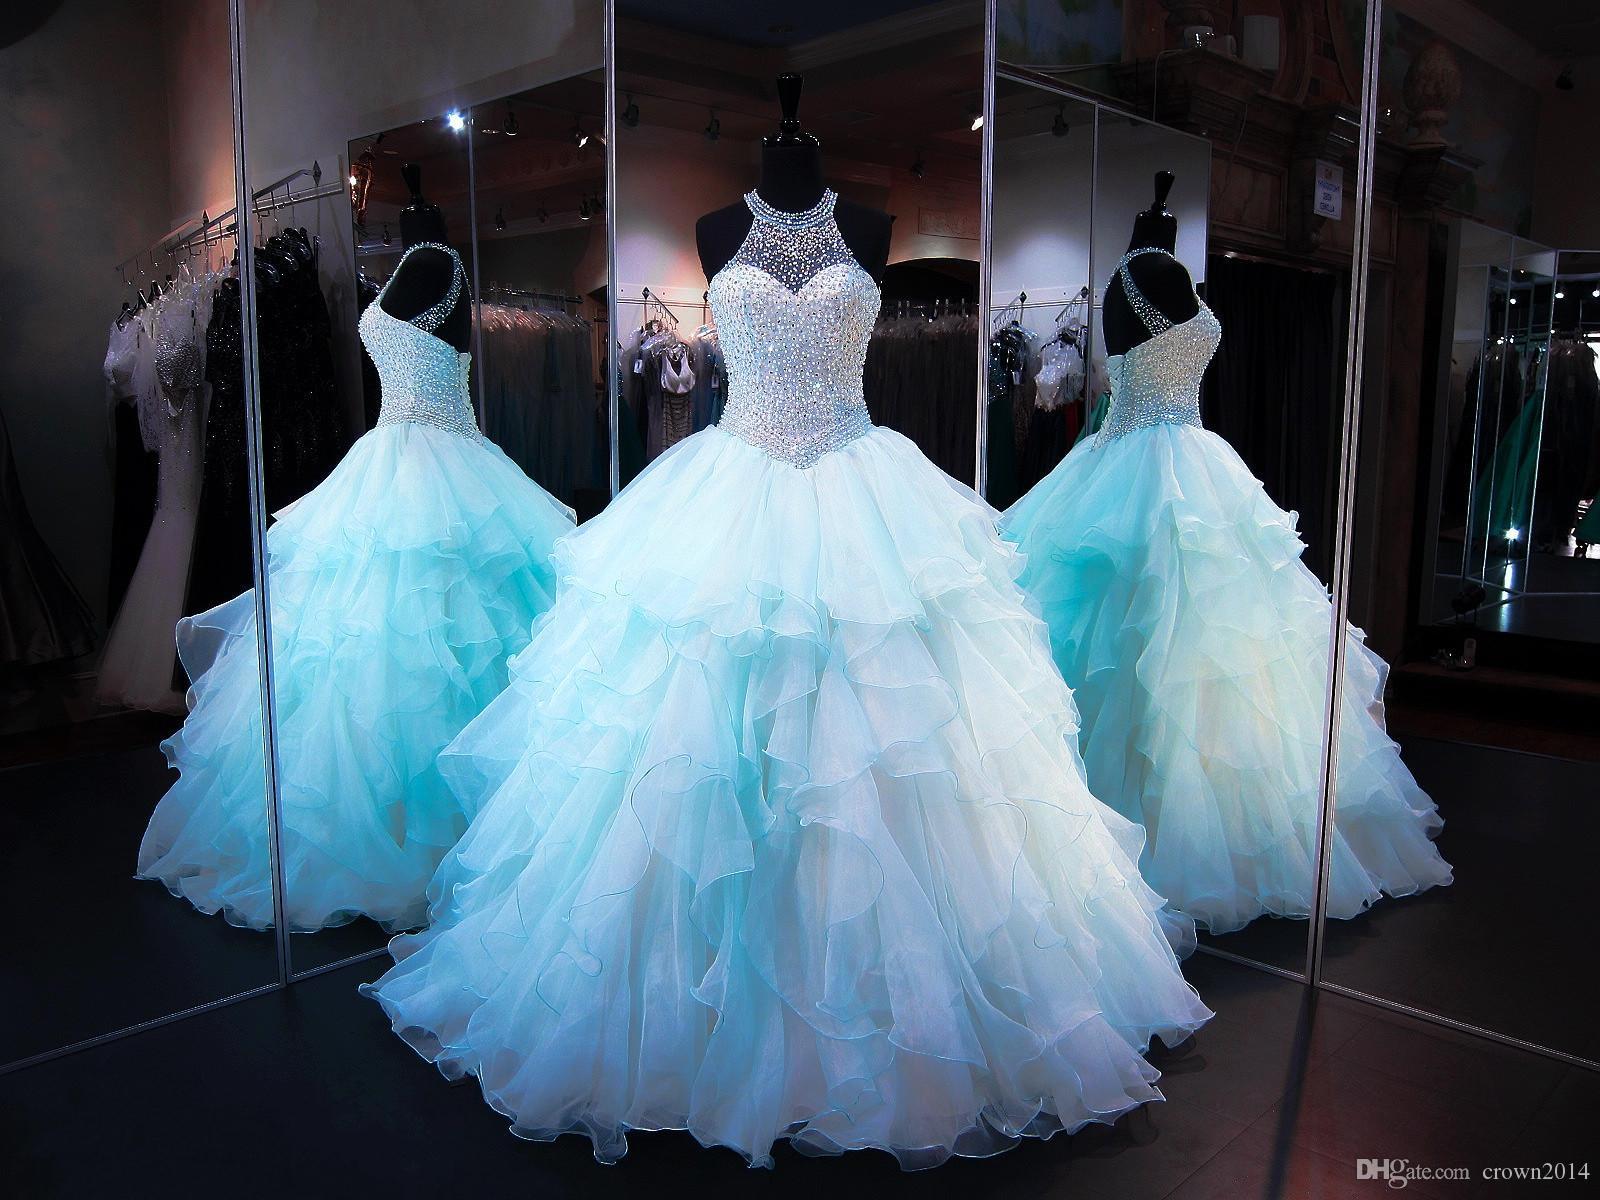 2020 Blue Ball Gown Quinceanera Abiti Perle perline Corsetto Organza Ruffles Gioielli Collo Lace Up Back Puffy Lungo Prom Dolce 16 Abiti